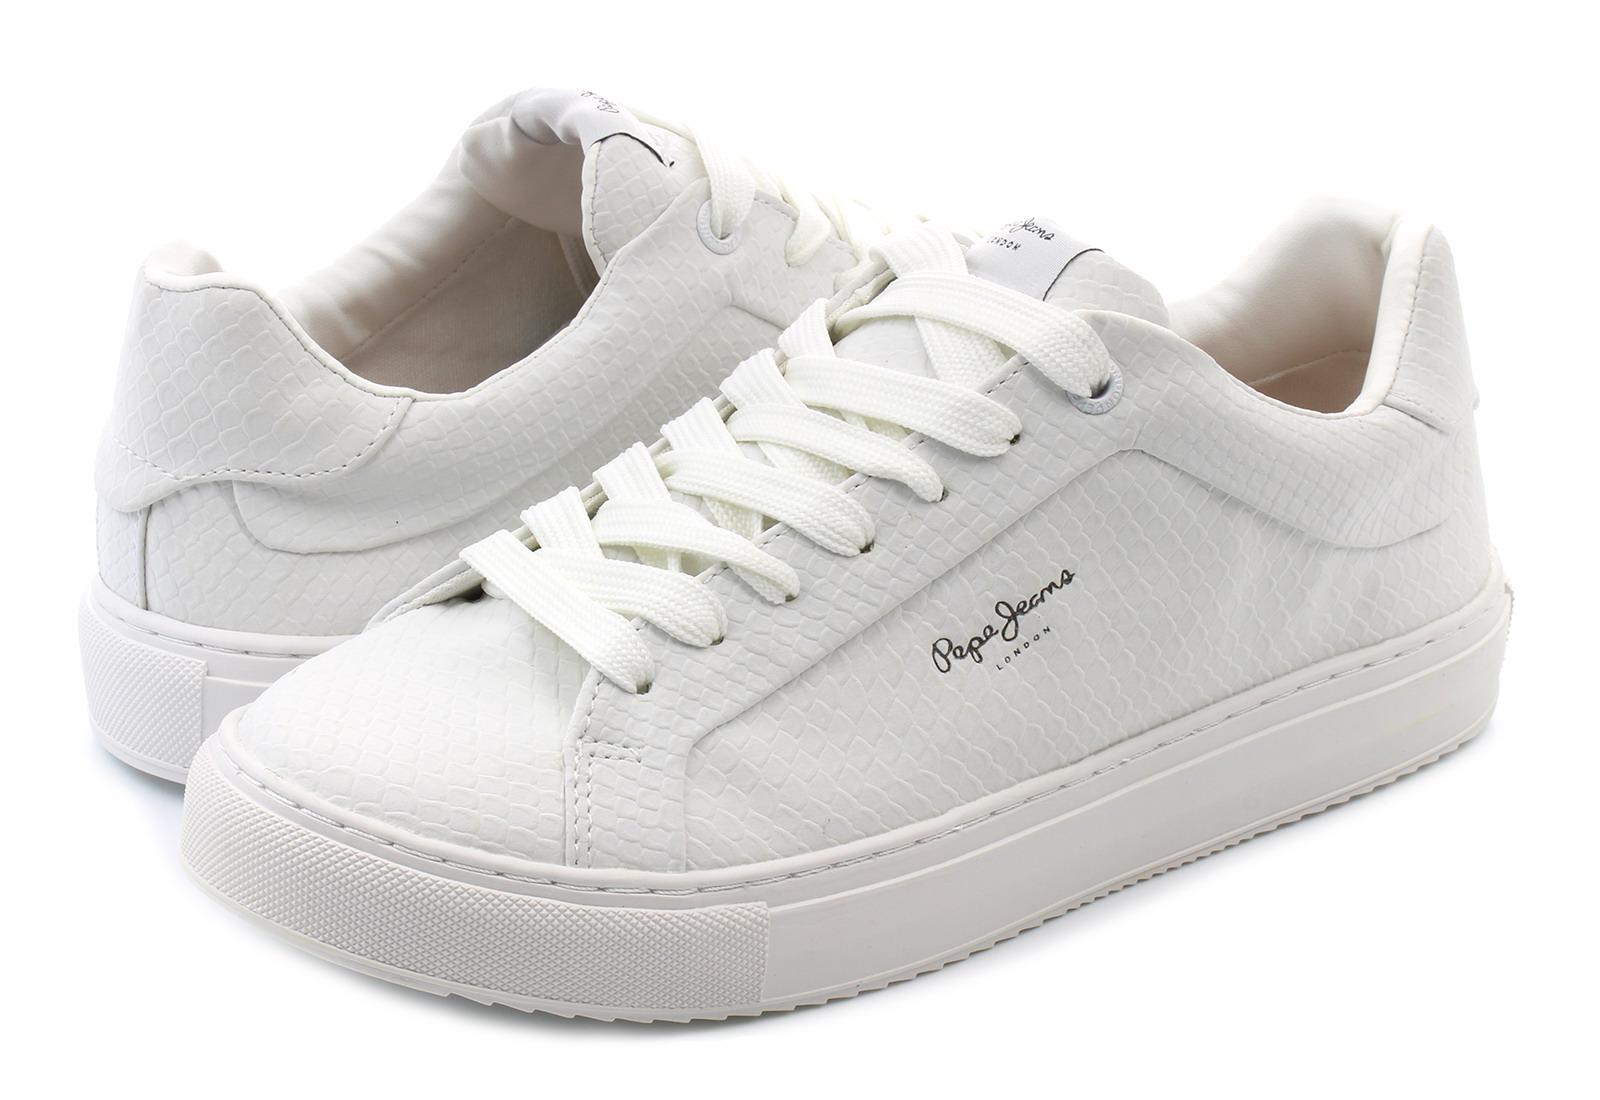 Pepe Jeans Cipő - Adams - PLS30603802 - Office Shoes Magyarország 3dcfed8c34